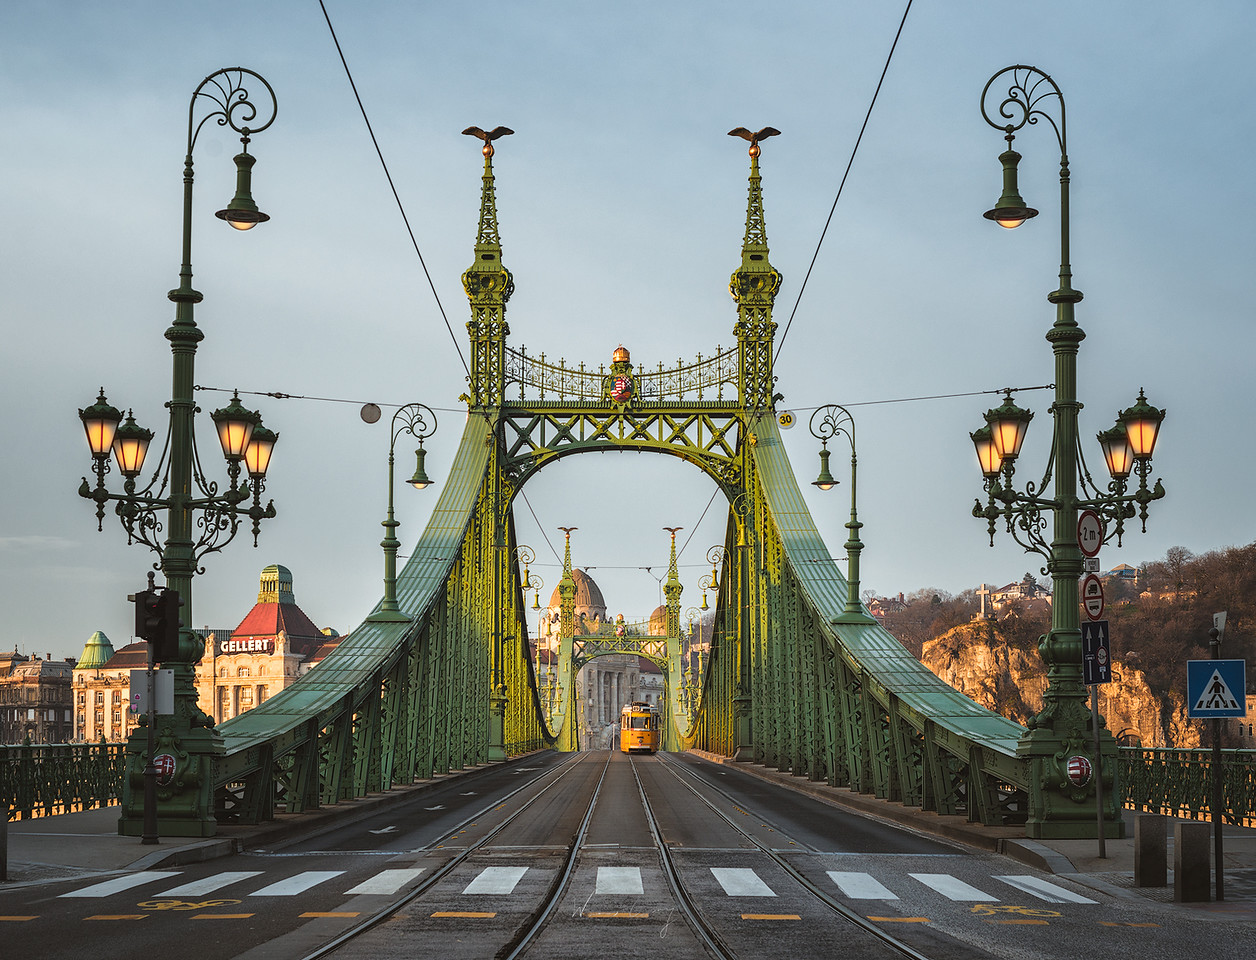 布達佩斯景點介紹、拍攝建議與行程推薦與布達佩斯自由行參考 by 旅行攝影師張威廉 Wilhelm Chang